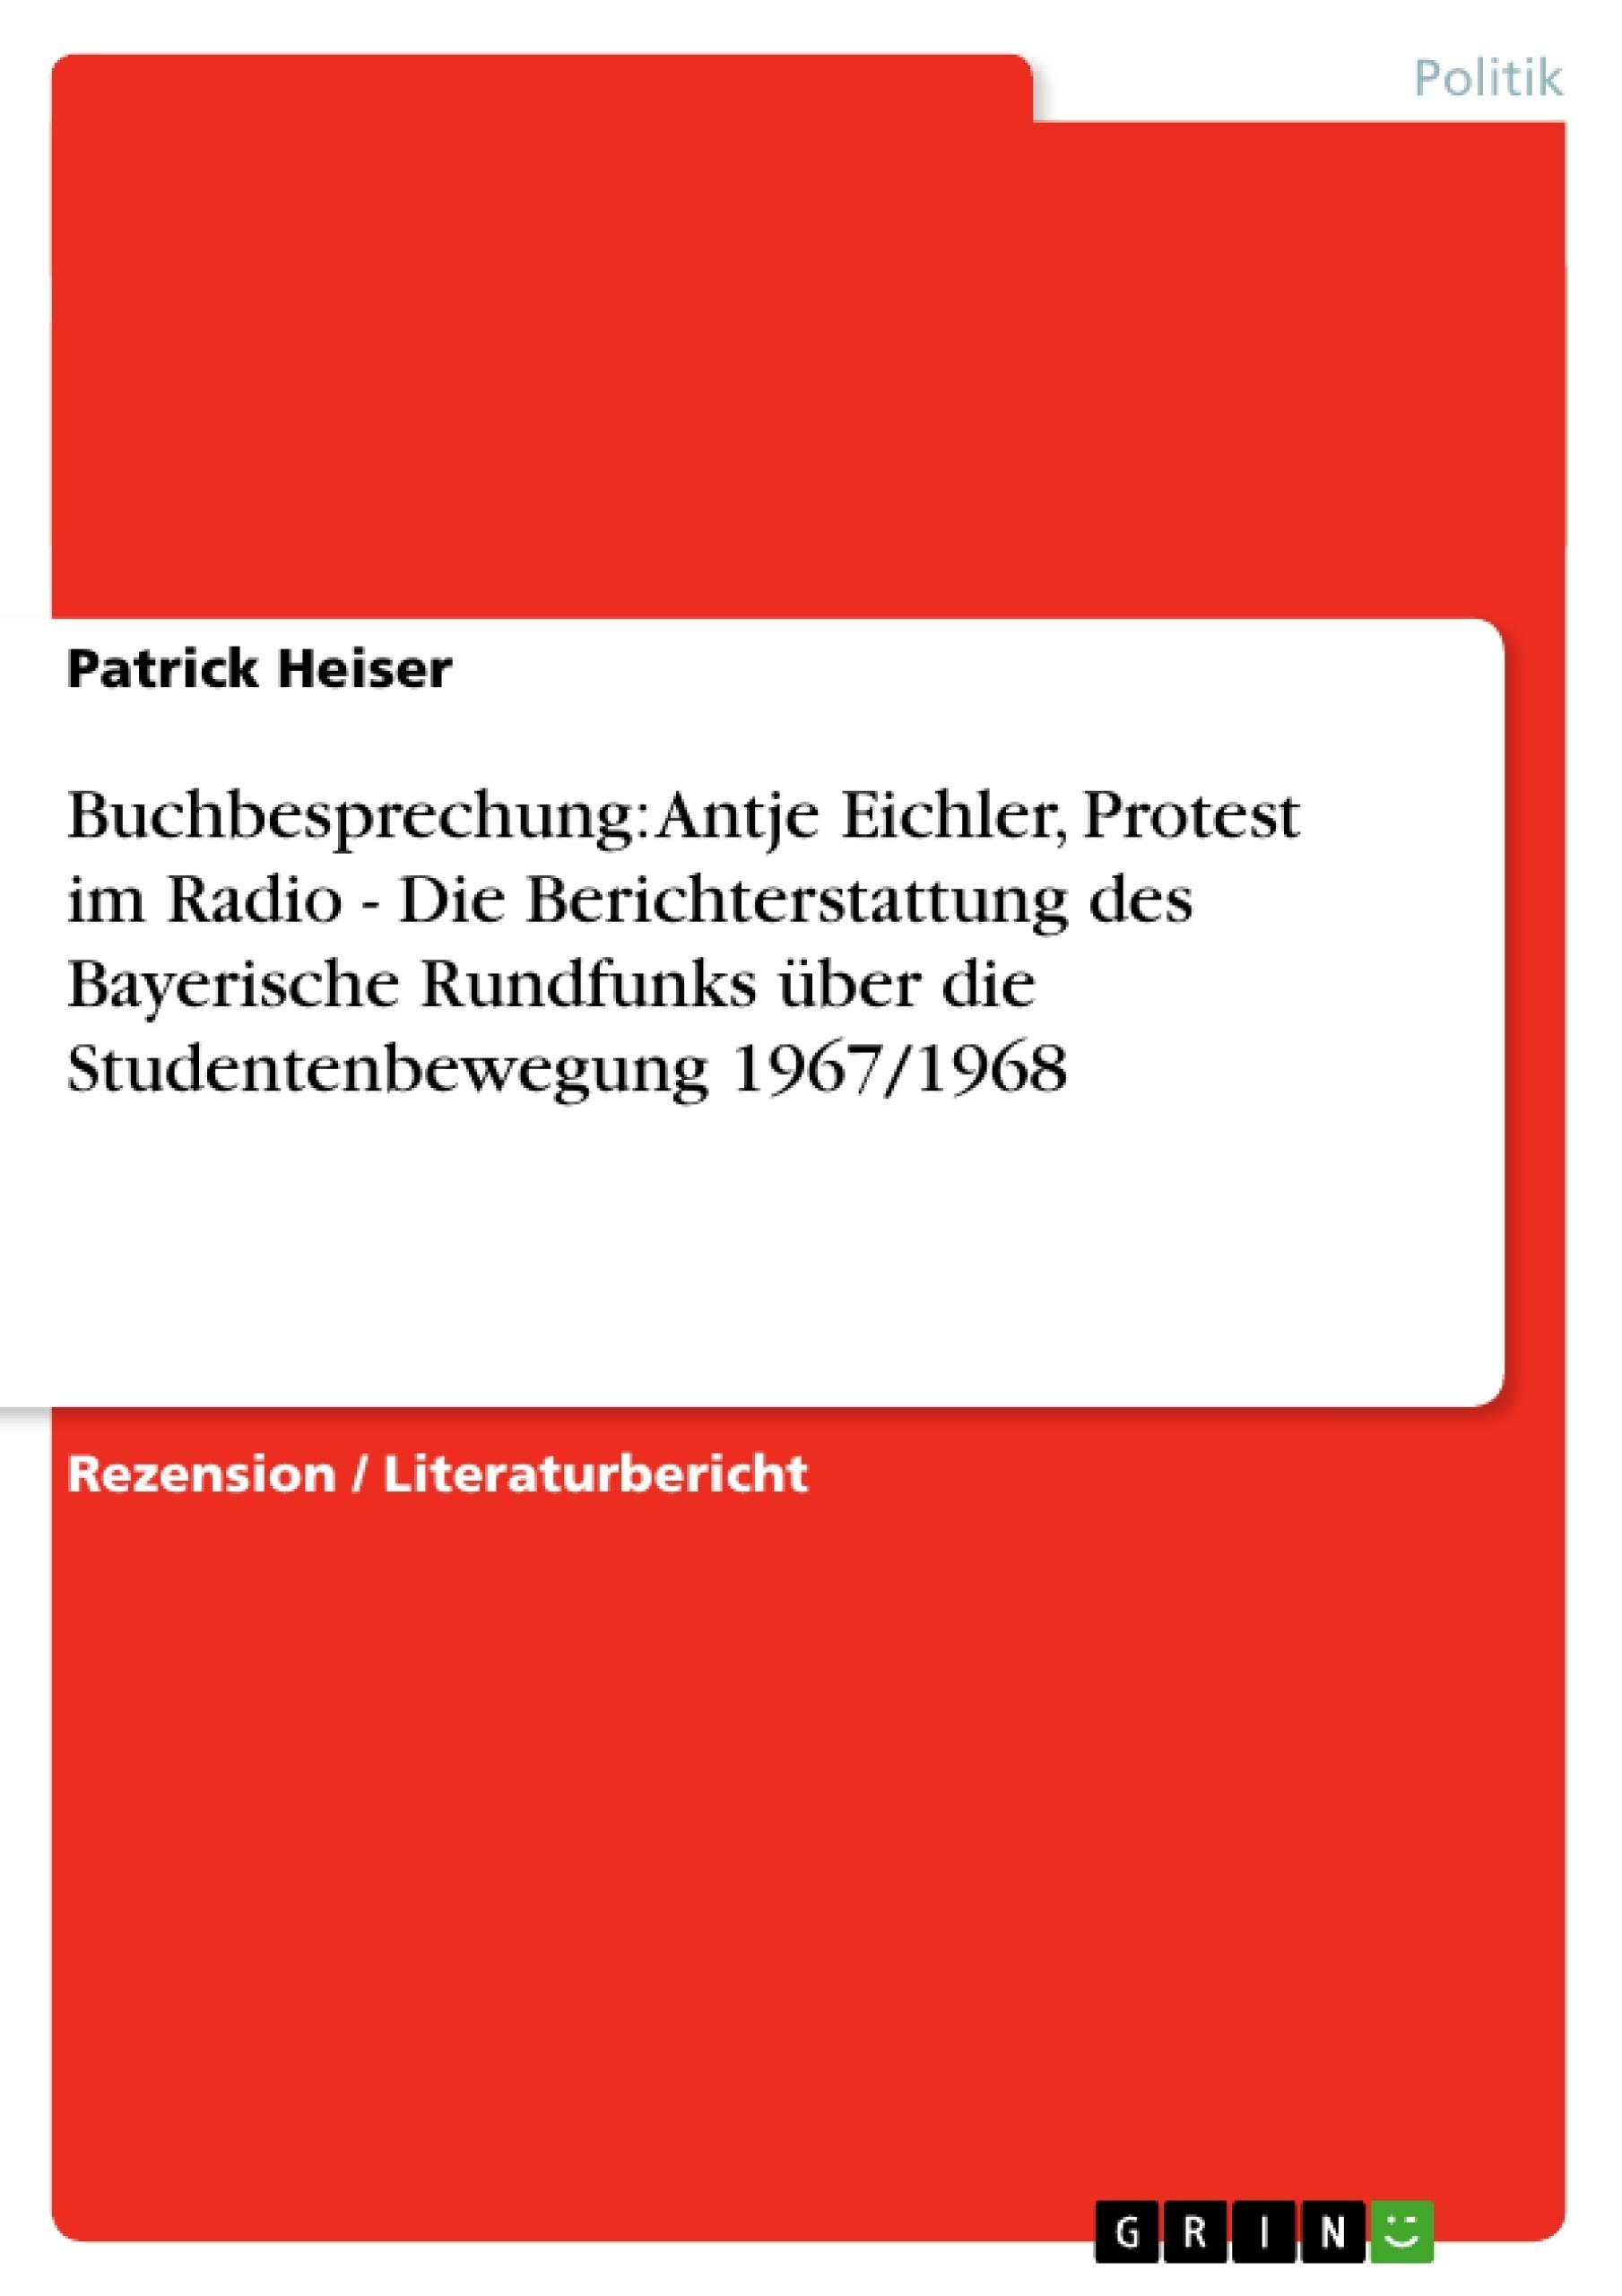 Titel: Buchbesprechung: Antje Eichler, Protest im Radio - Die Berichterstattung des Bayerische Rundfunks über die Studentenbewegung 1967/1968